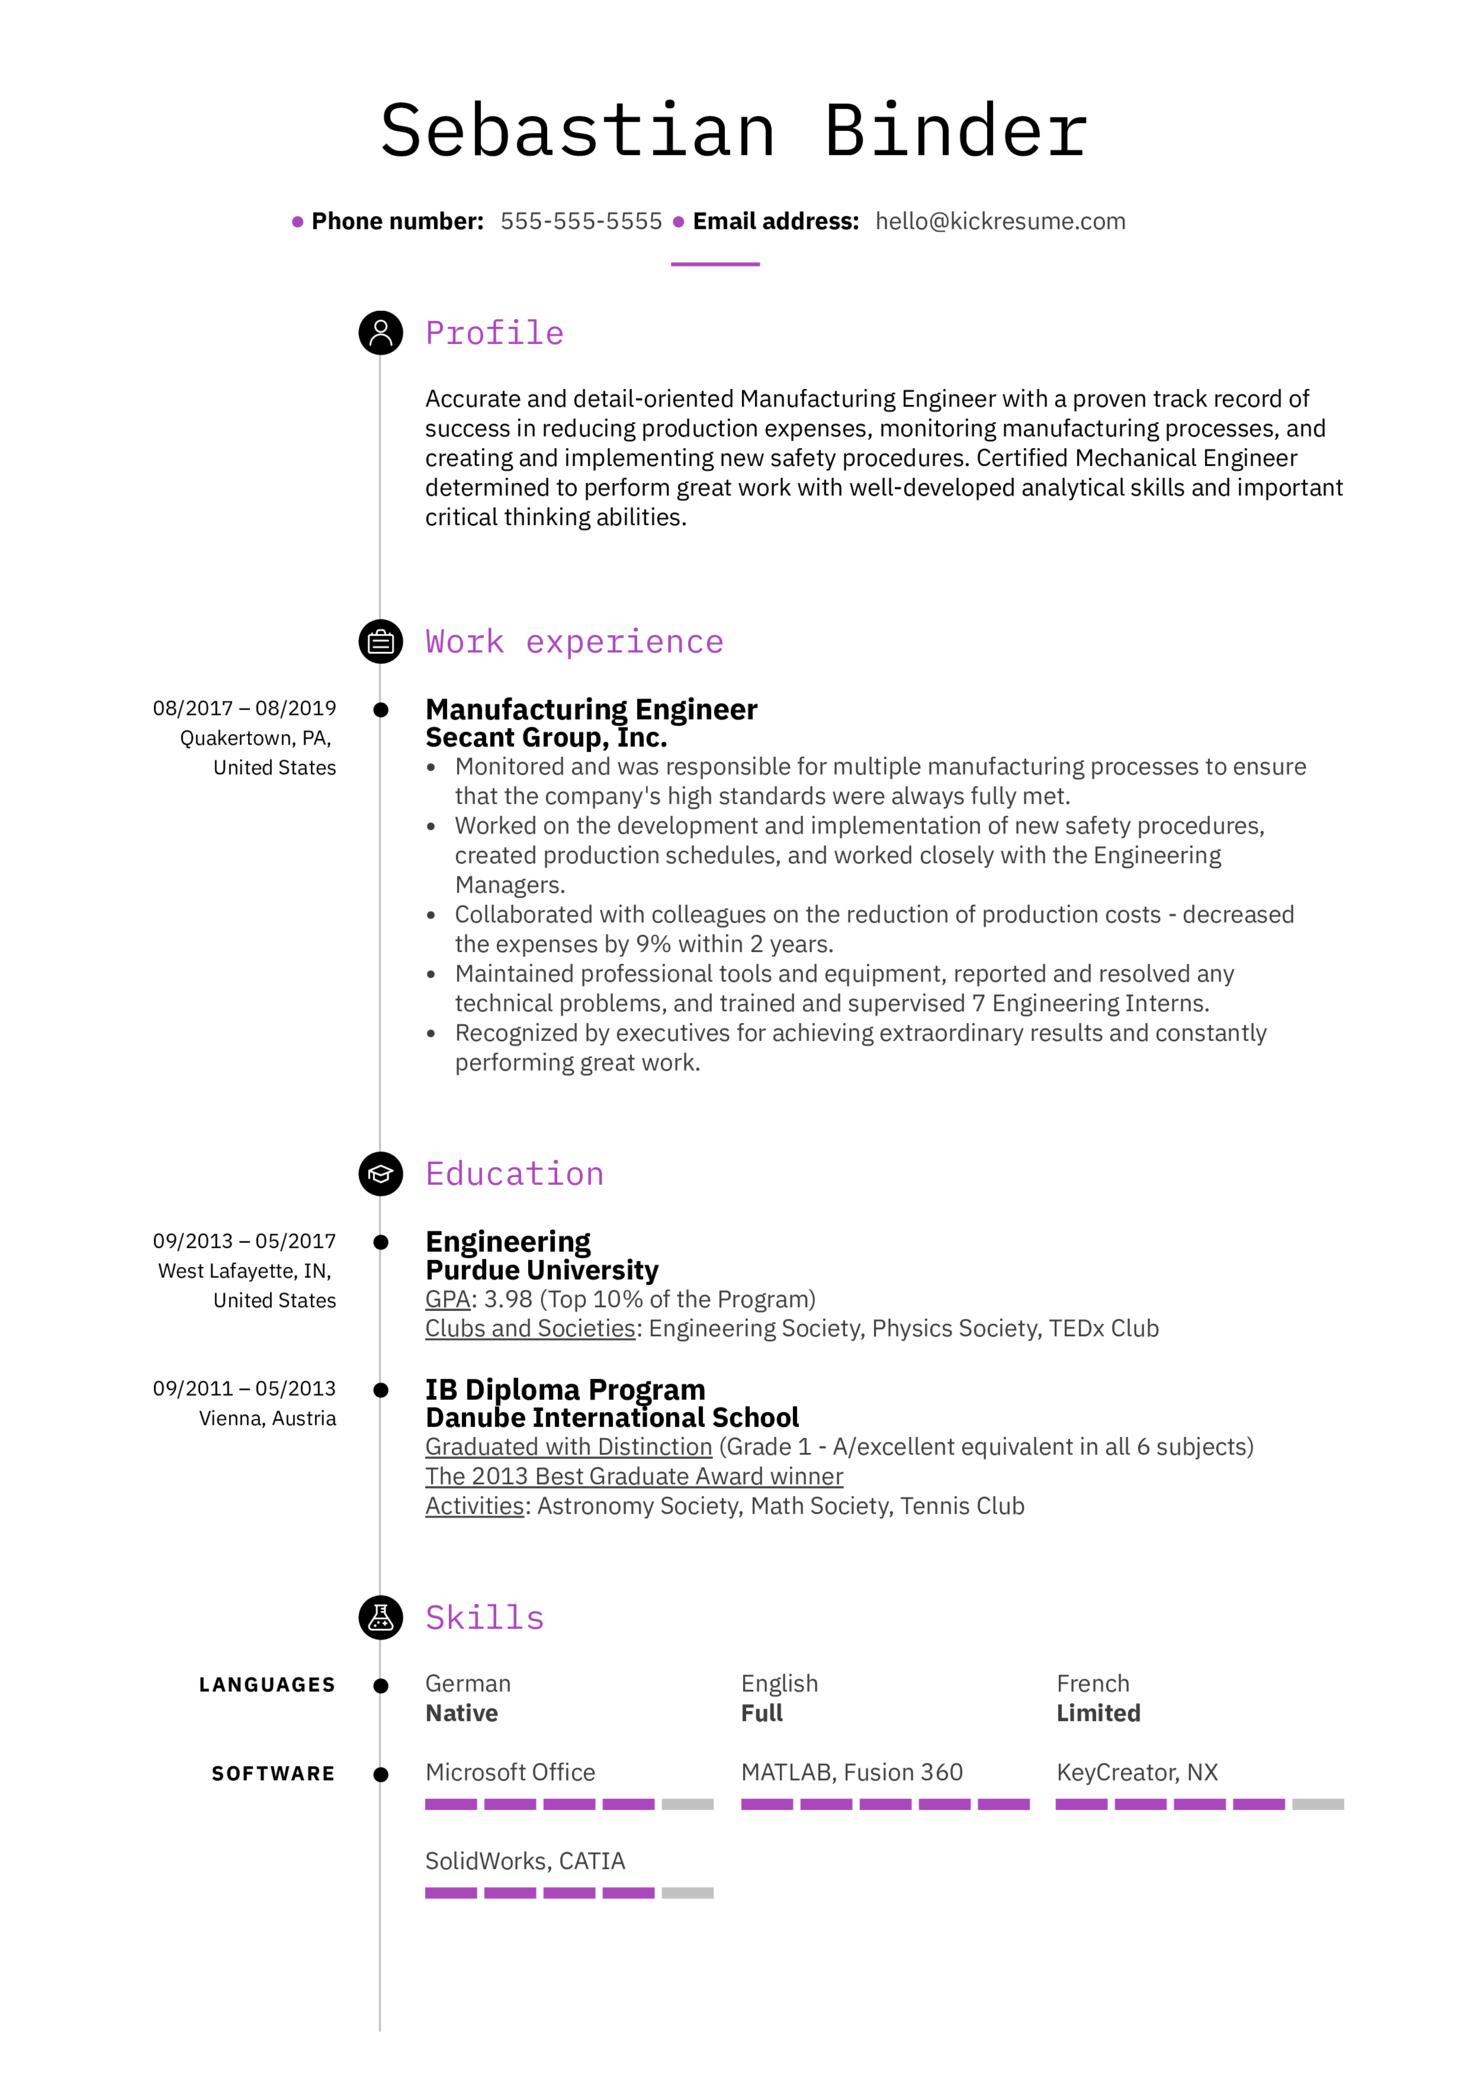 Manufacturing Engineer Resume Example (časť 1)